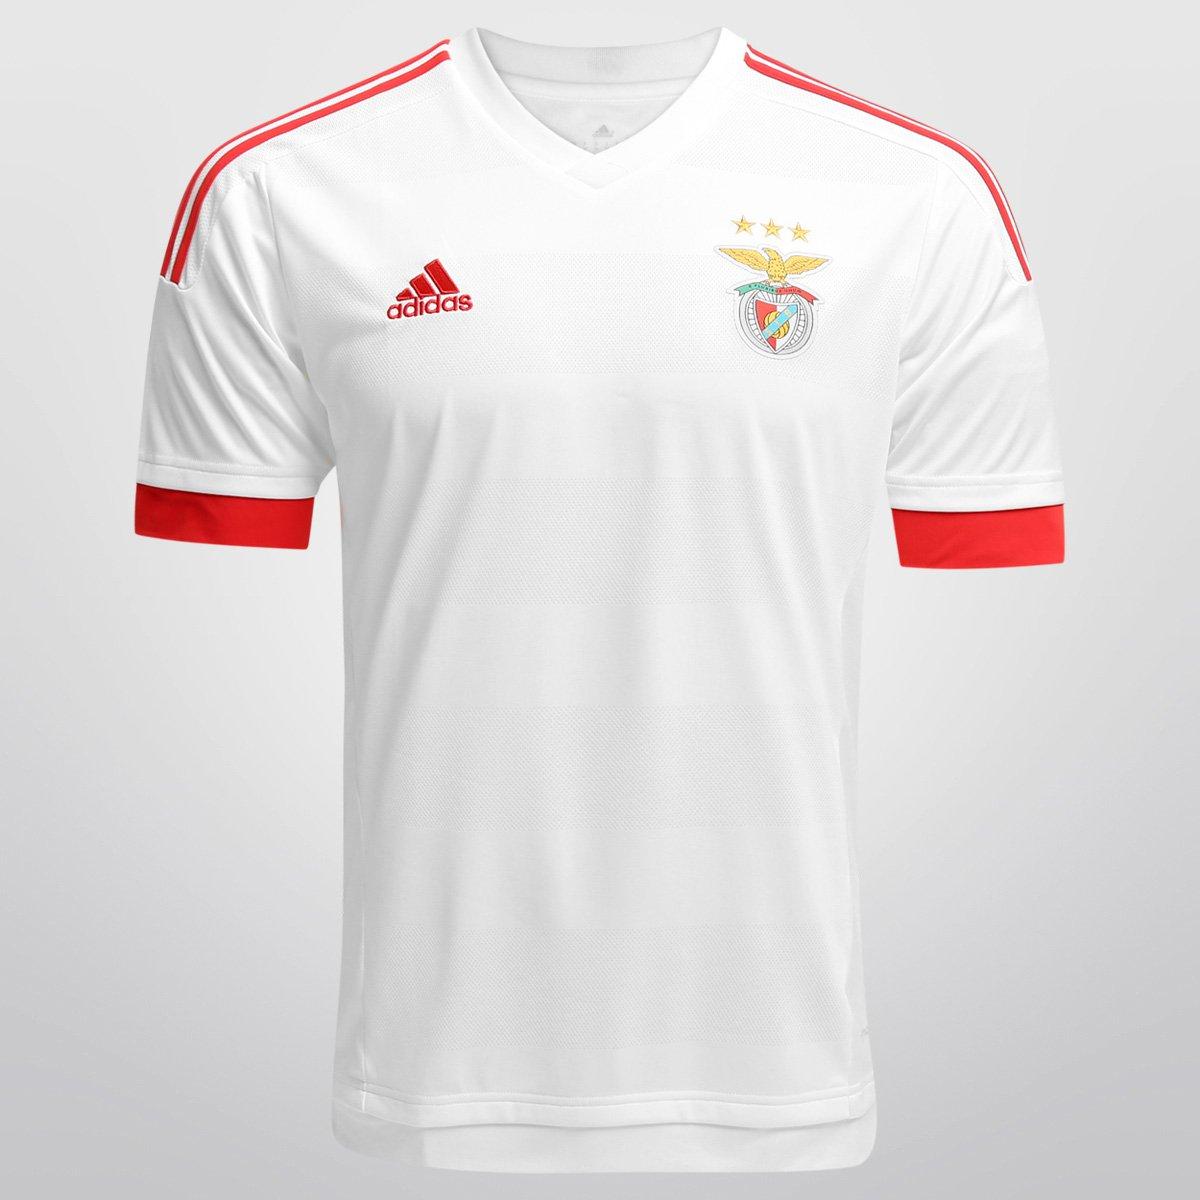 Camisa Adidas Benfica Away 15 16 s nº - Compre Agora  e7e0e7fc46009